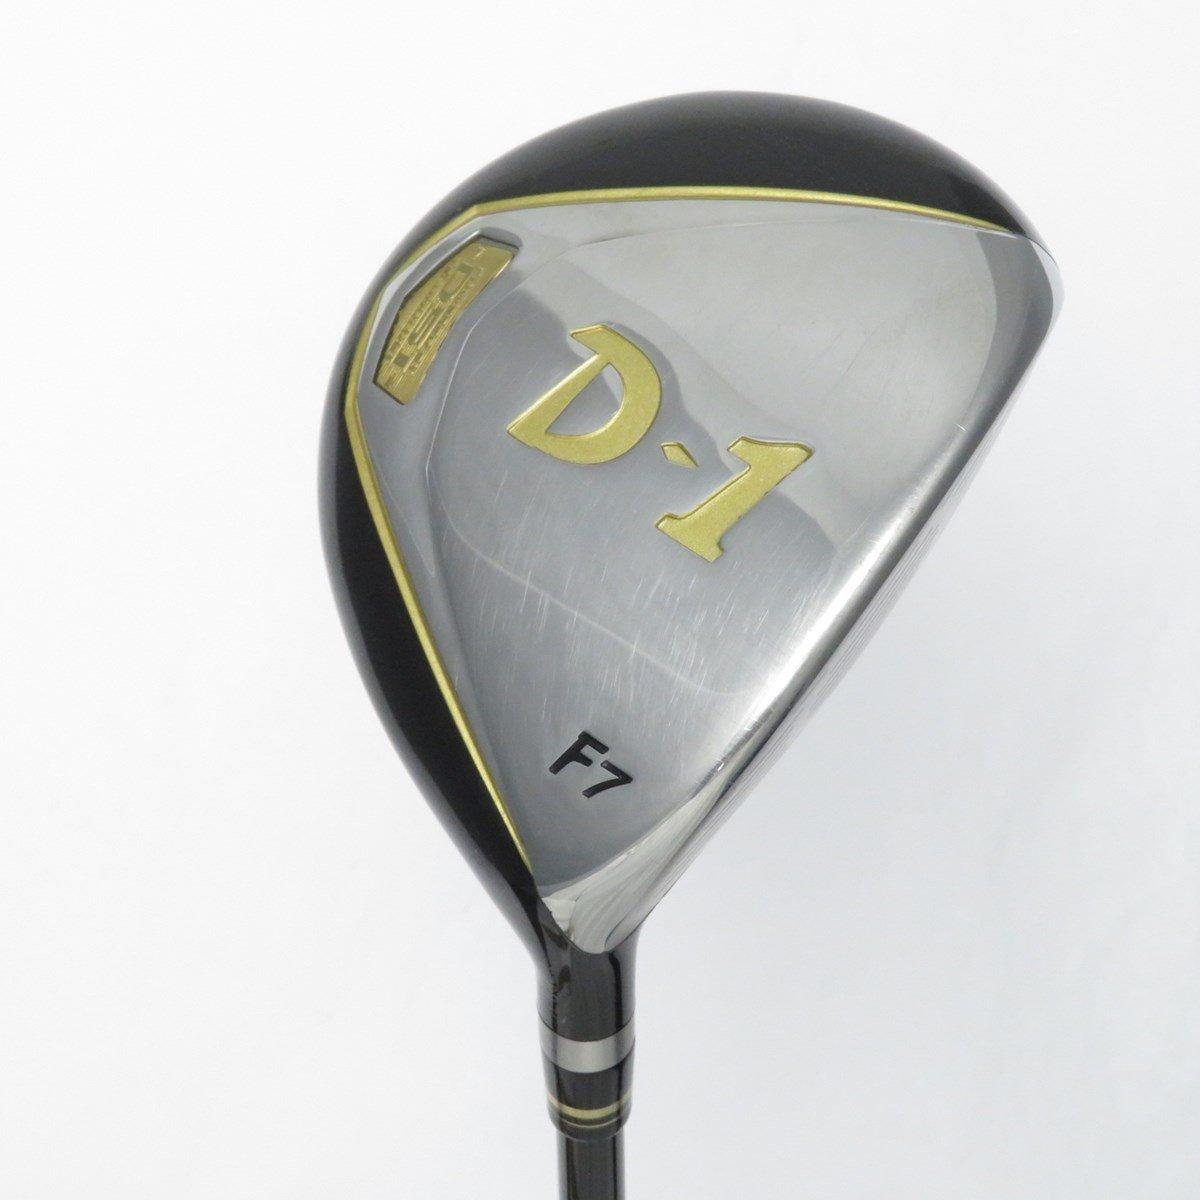 【中古】リョーマ ゴルフ RYOMA GOLF Ryoma D-1 F(メーカー公認中古) フェアウェイウッド Tour AD RYOMA F 【7W】 B07D7V6JFB  R2